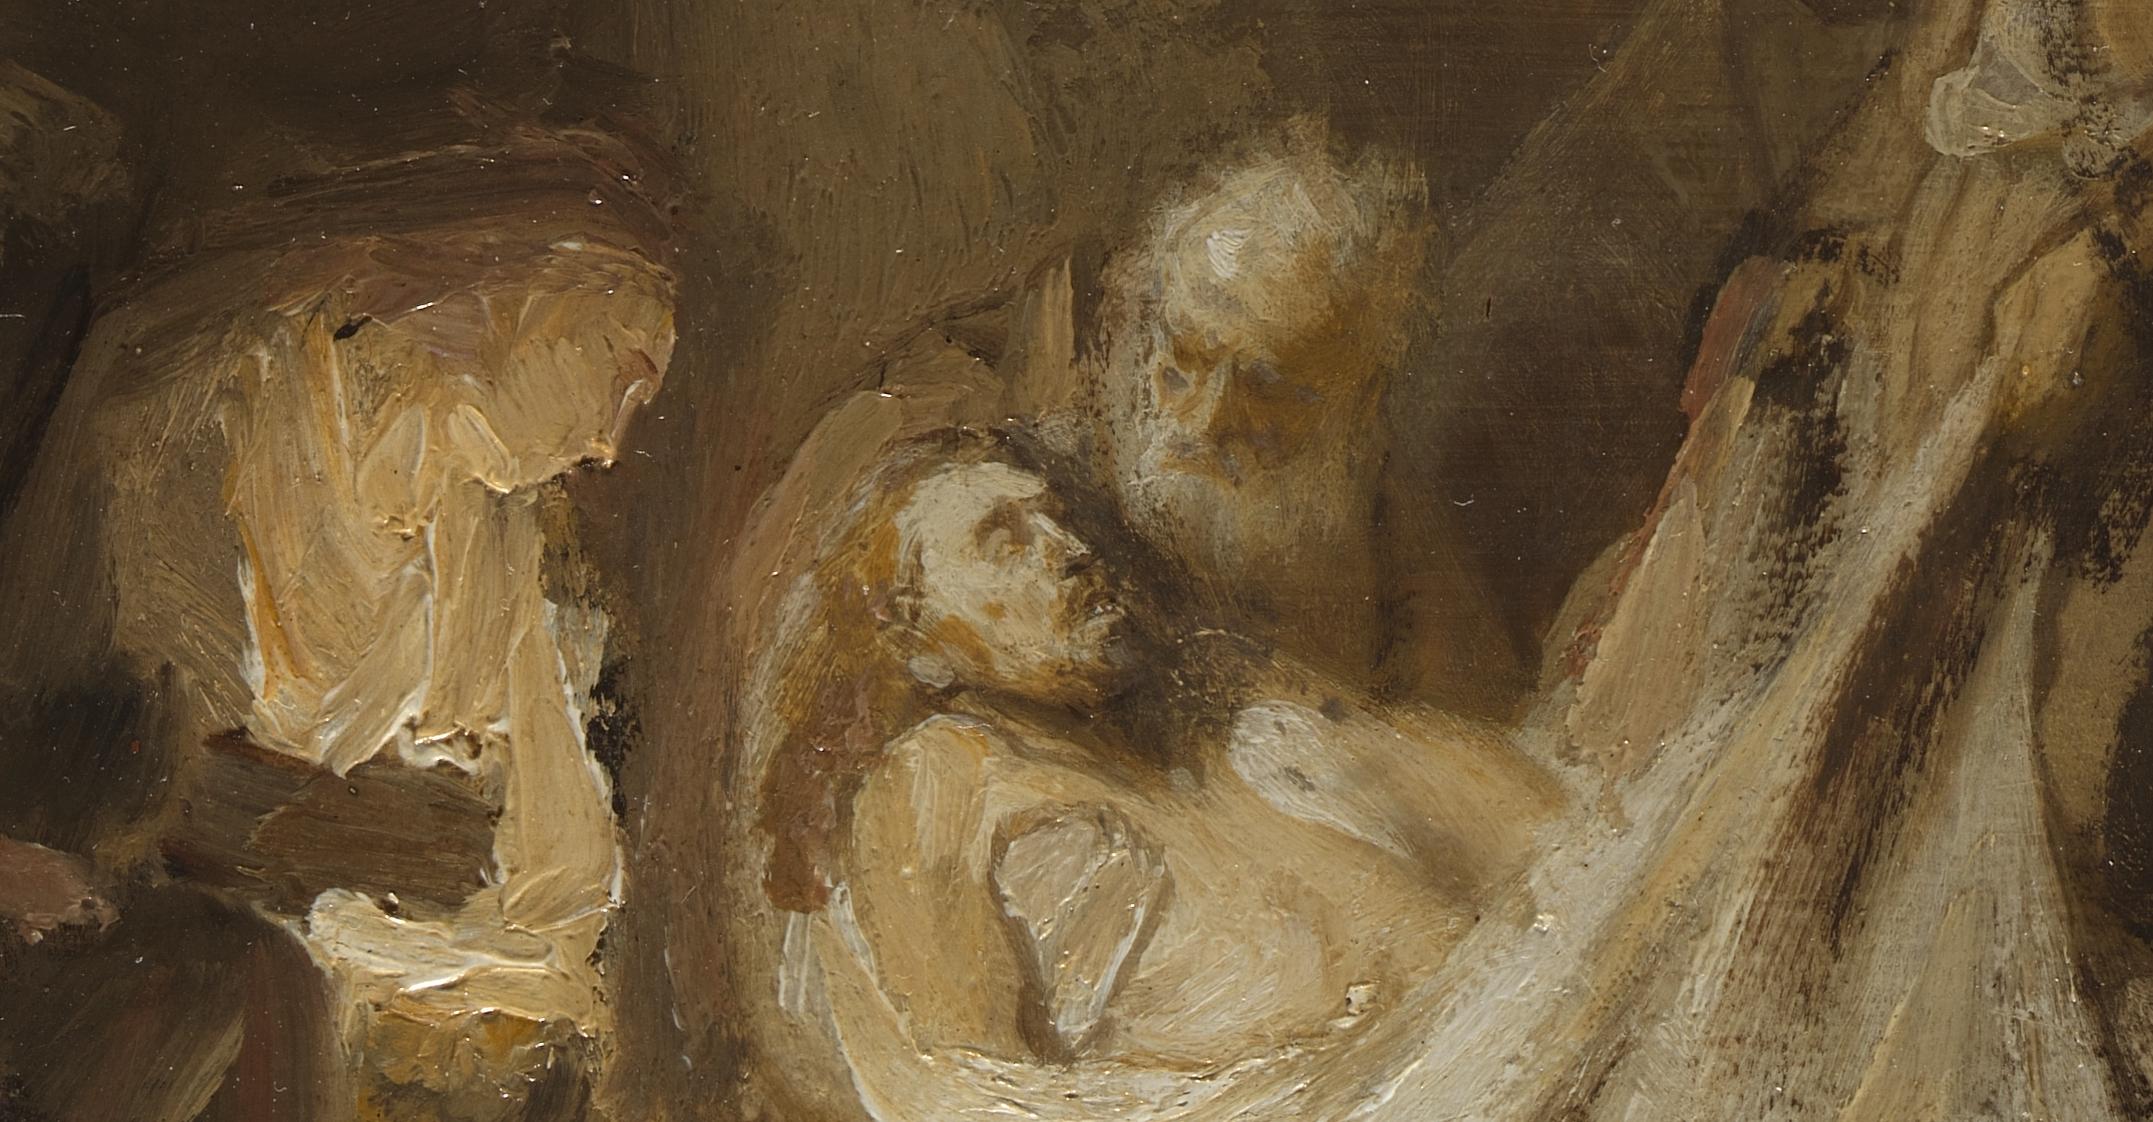 rembrandt entombment sketch hi res det ctr.jpeg